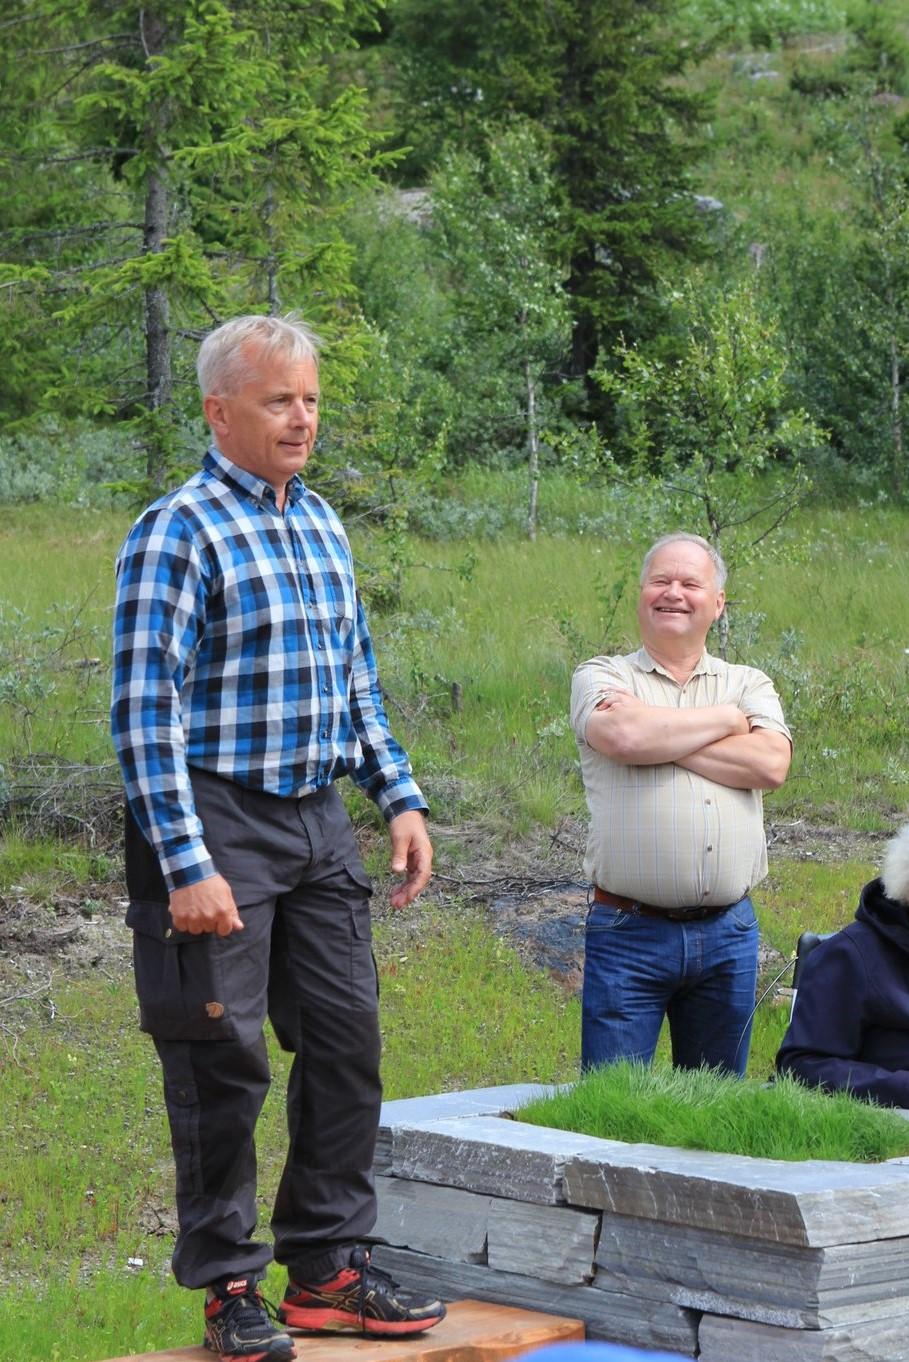 Fylkesmann Knut Storberget og styreleder i Langsua nasjonalparkstyre Olav Olstad